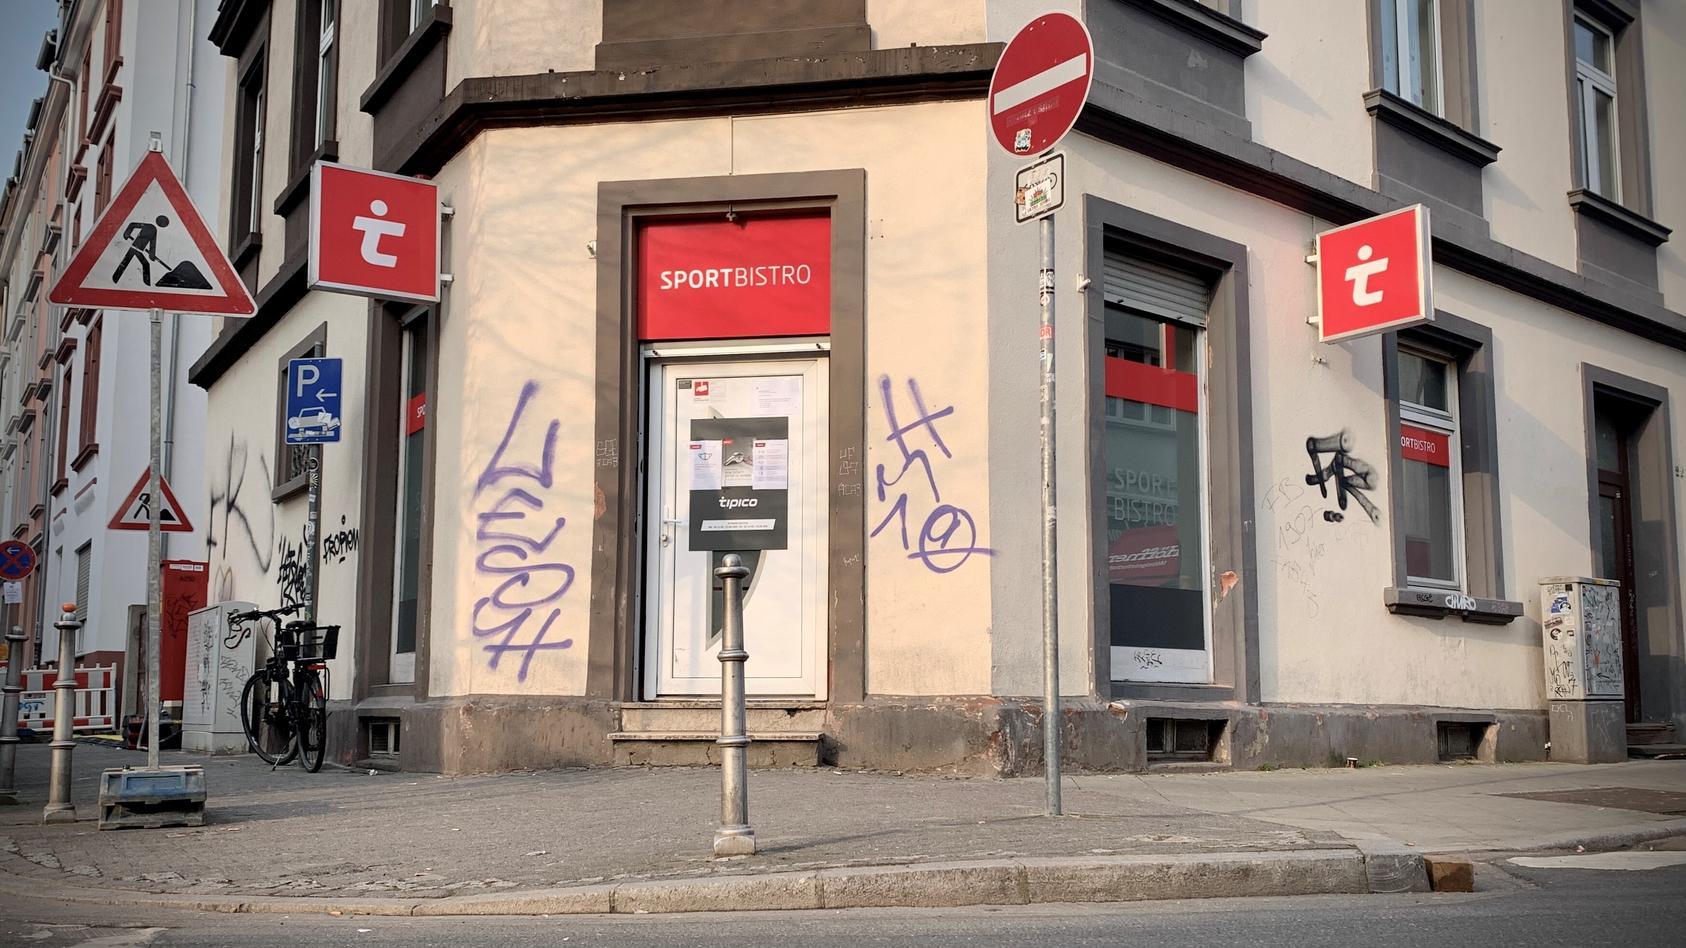 Das Wettbüro in der Bornheimer Mainkurstraße wurde am 27. Februar durch den Hintereingang überfallen. Die Beute: Mehrere Tausend Euro.